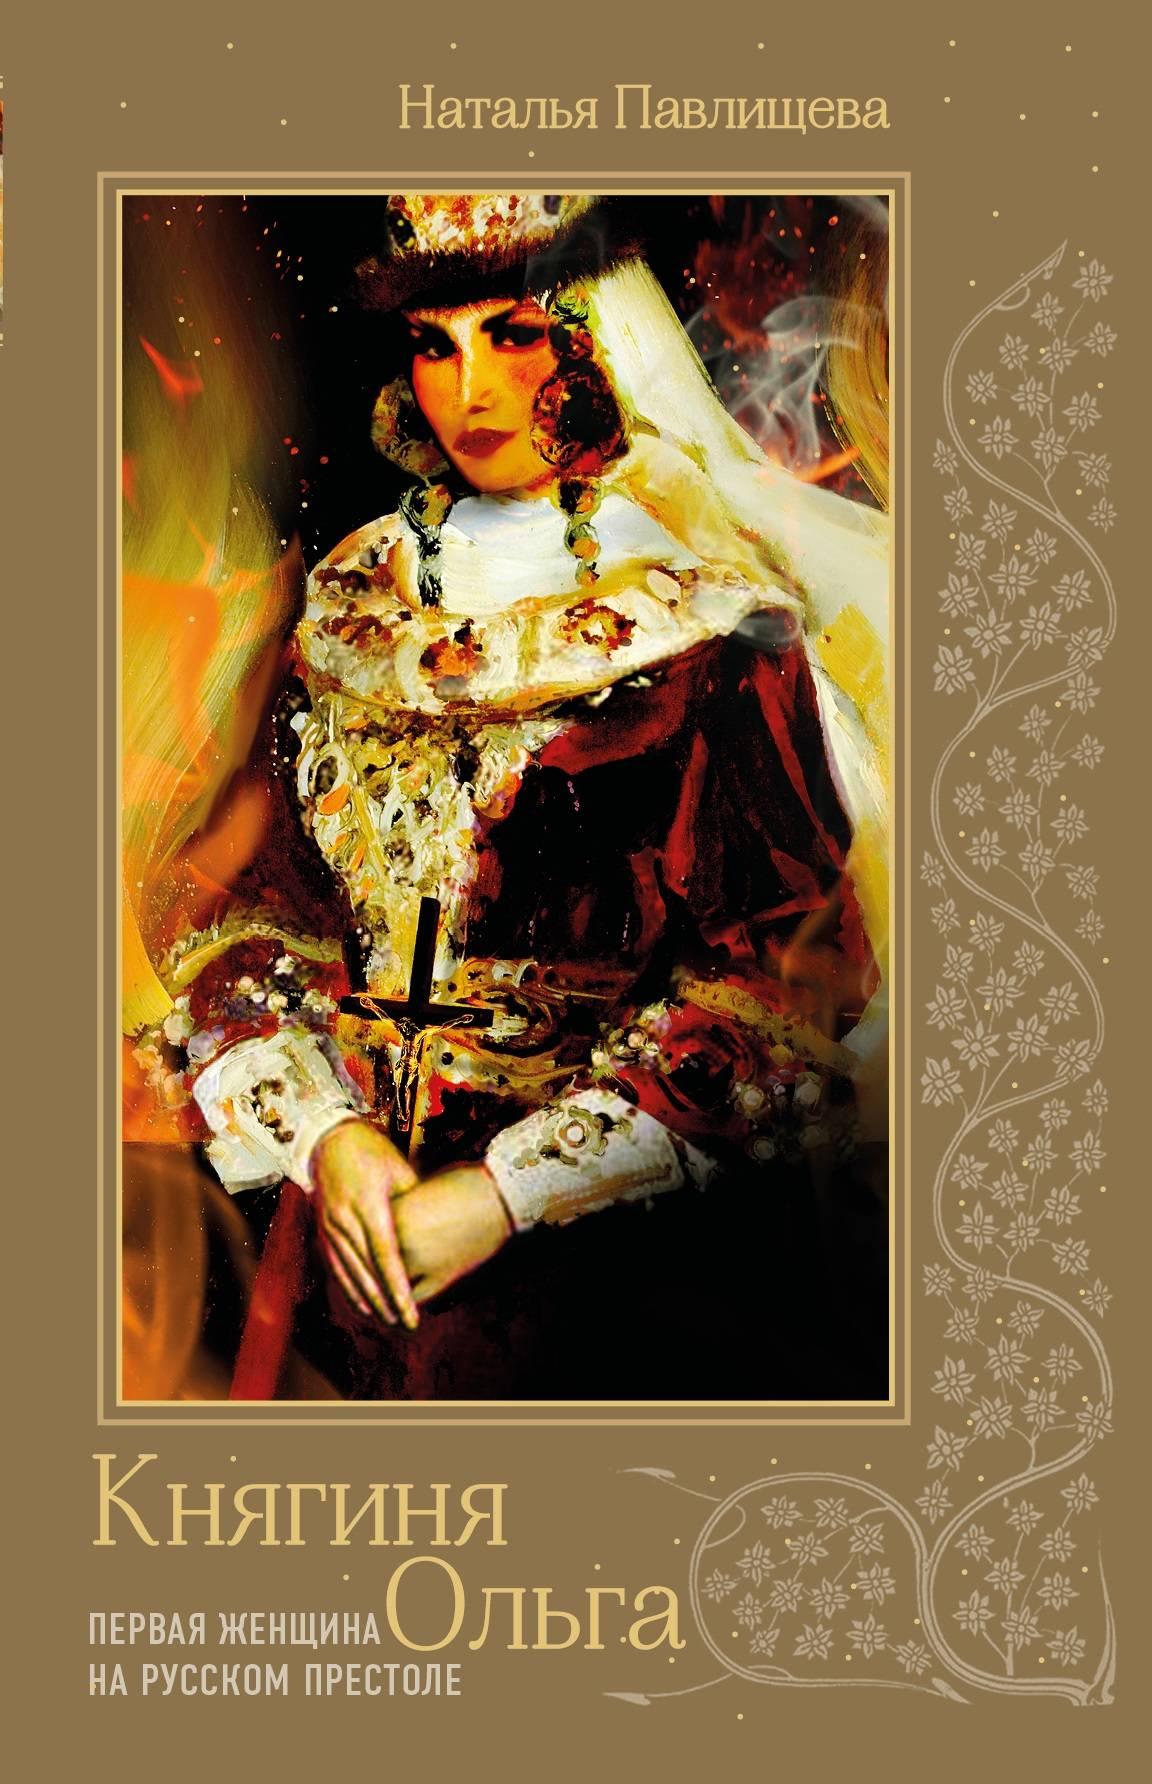 Наталья Павлищева Княгиня Ольга. Первая женщина на русском престоле